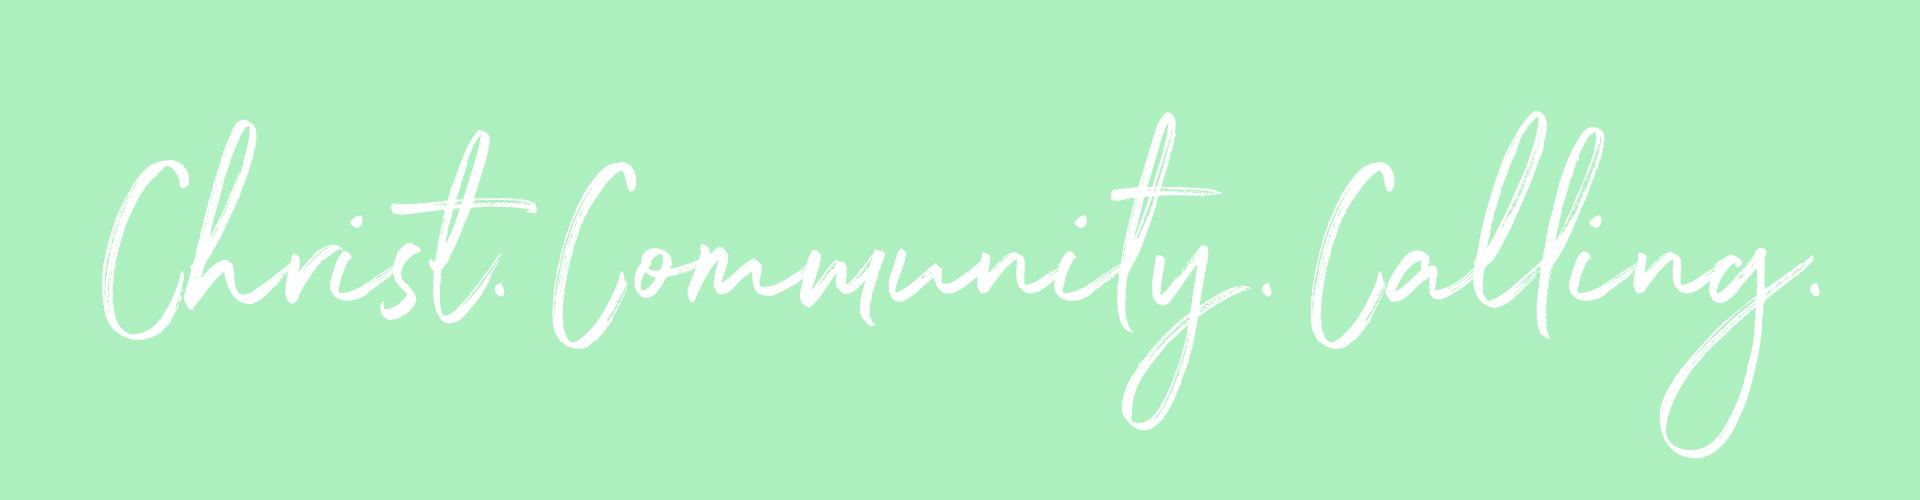 christcommunitycalling.jpg